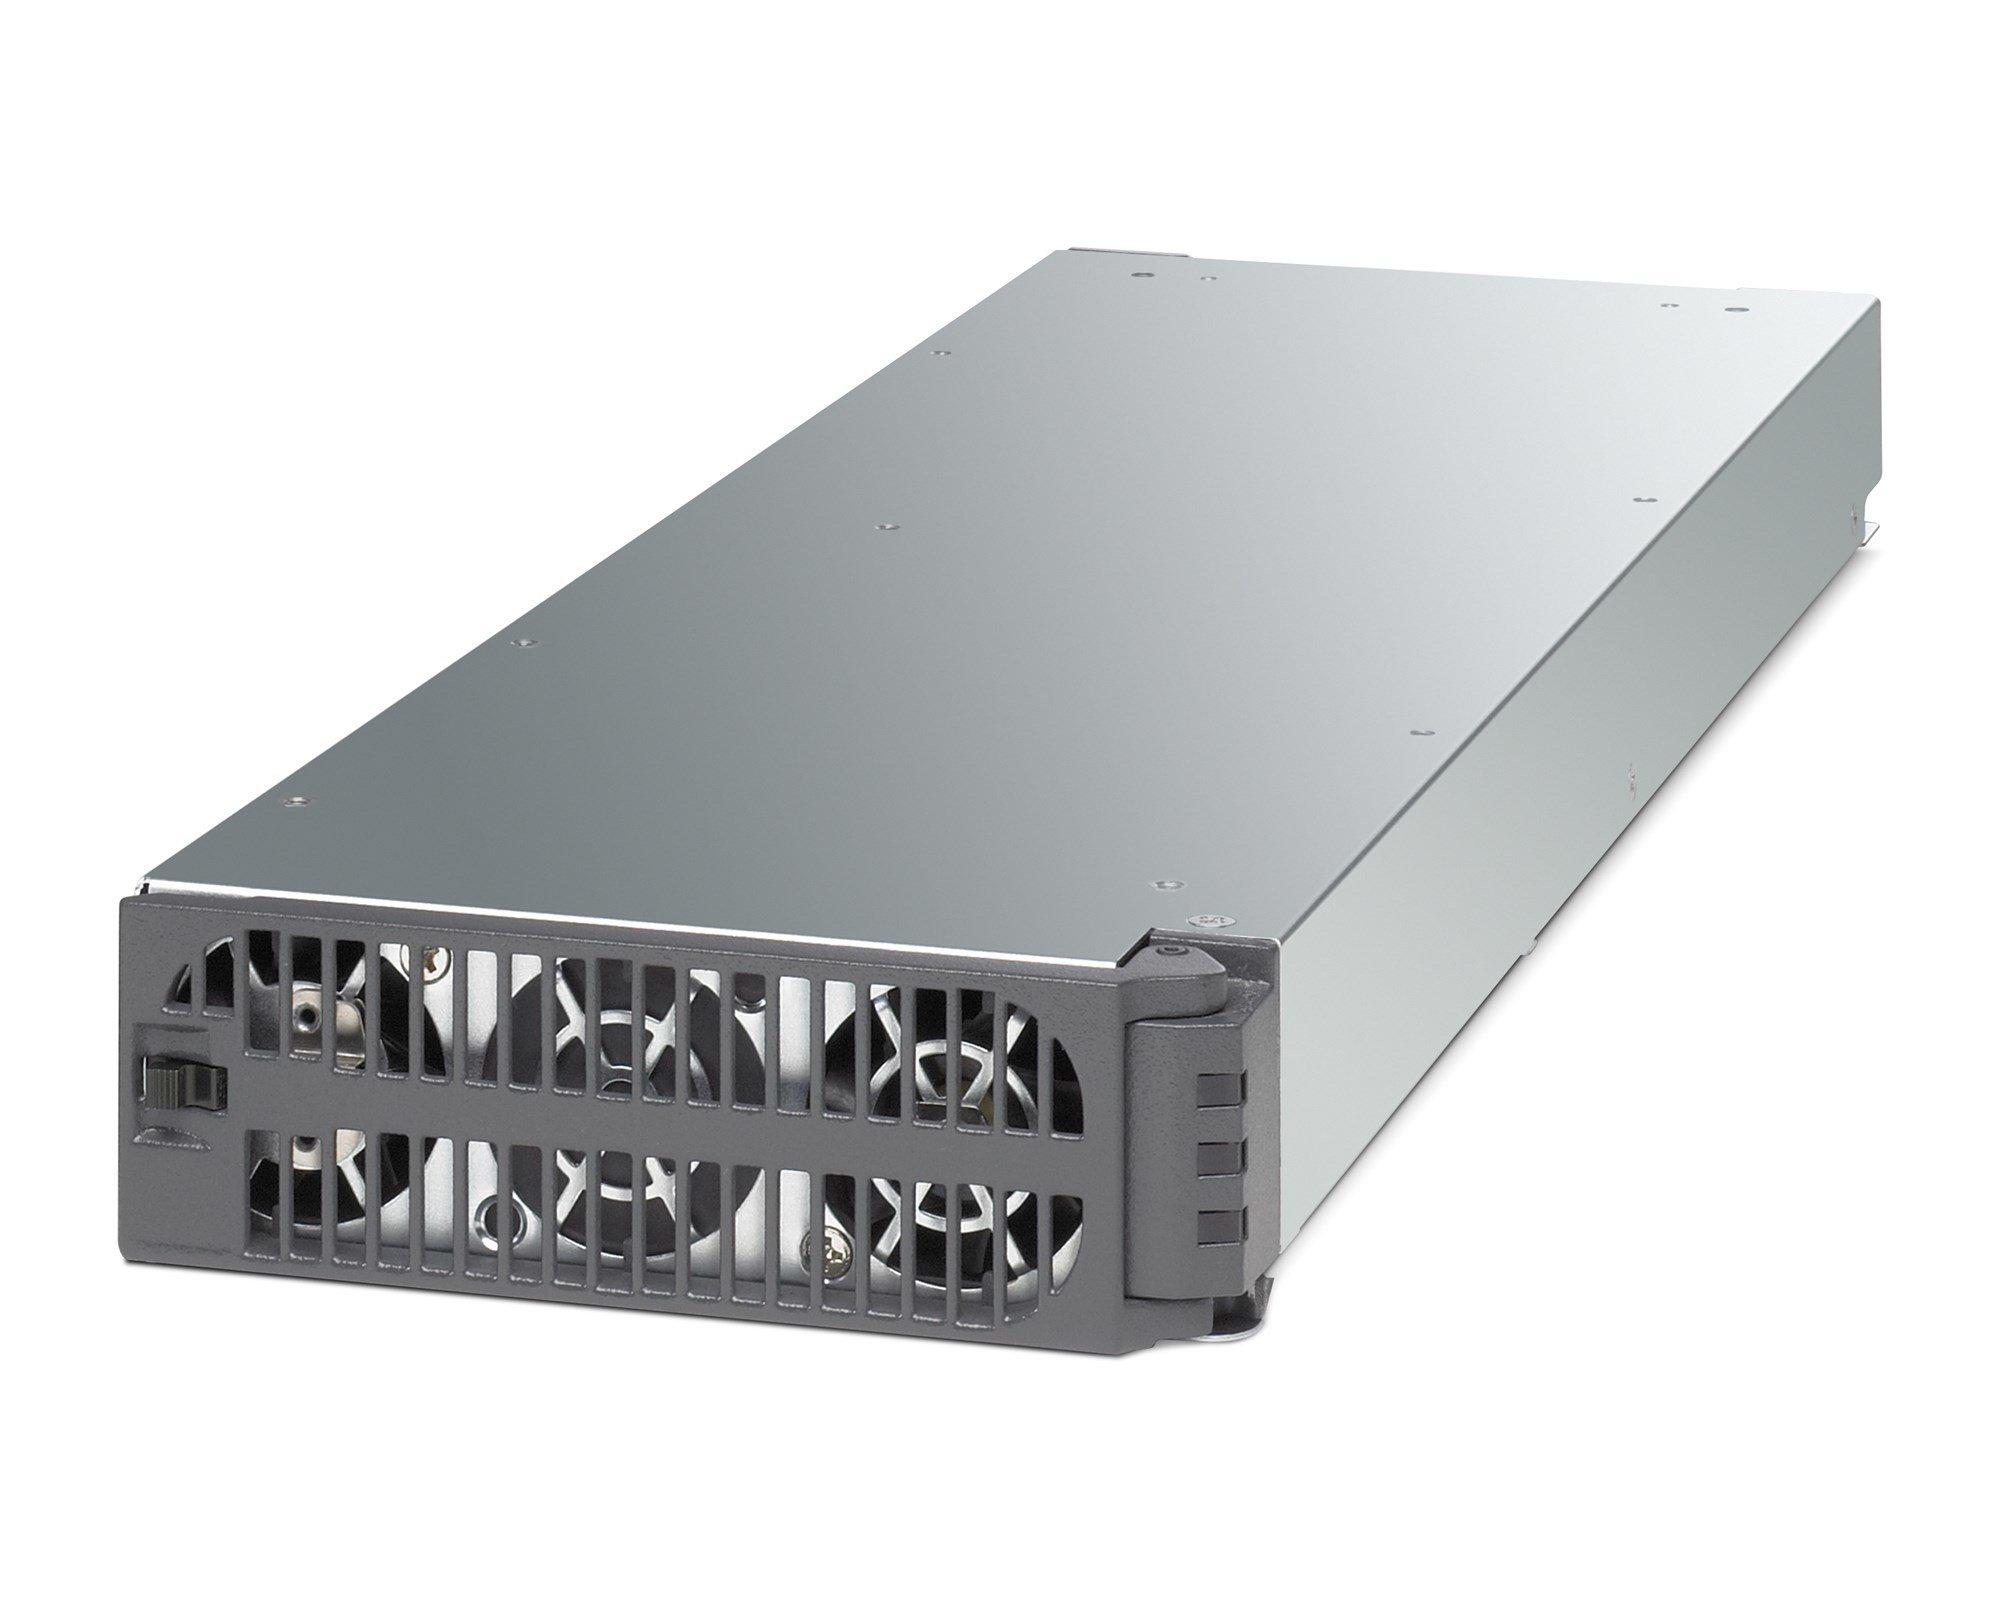 Cisco pwr-6kw-ac-v3= 6000w power sup